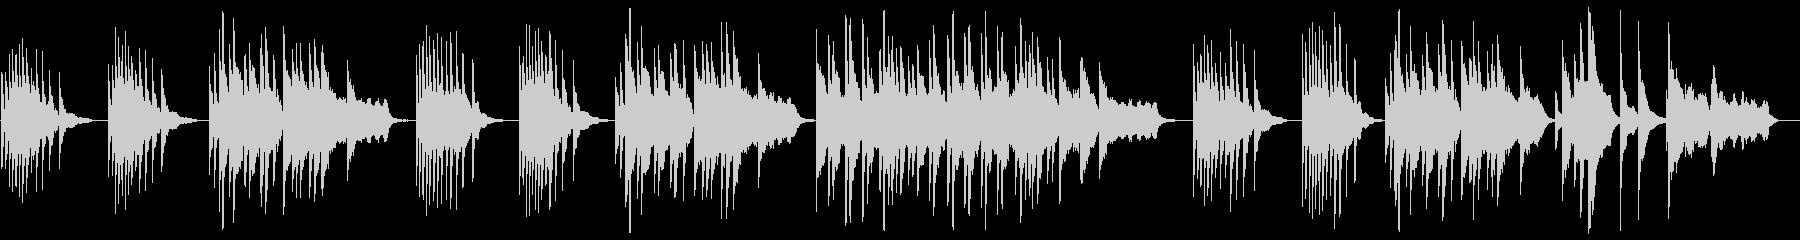 ピアノで奏でるヒーリングミュージックの未再生の波形